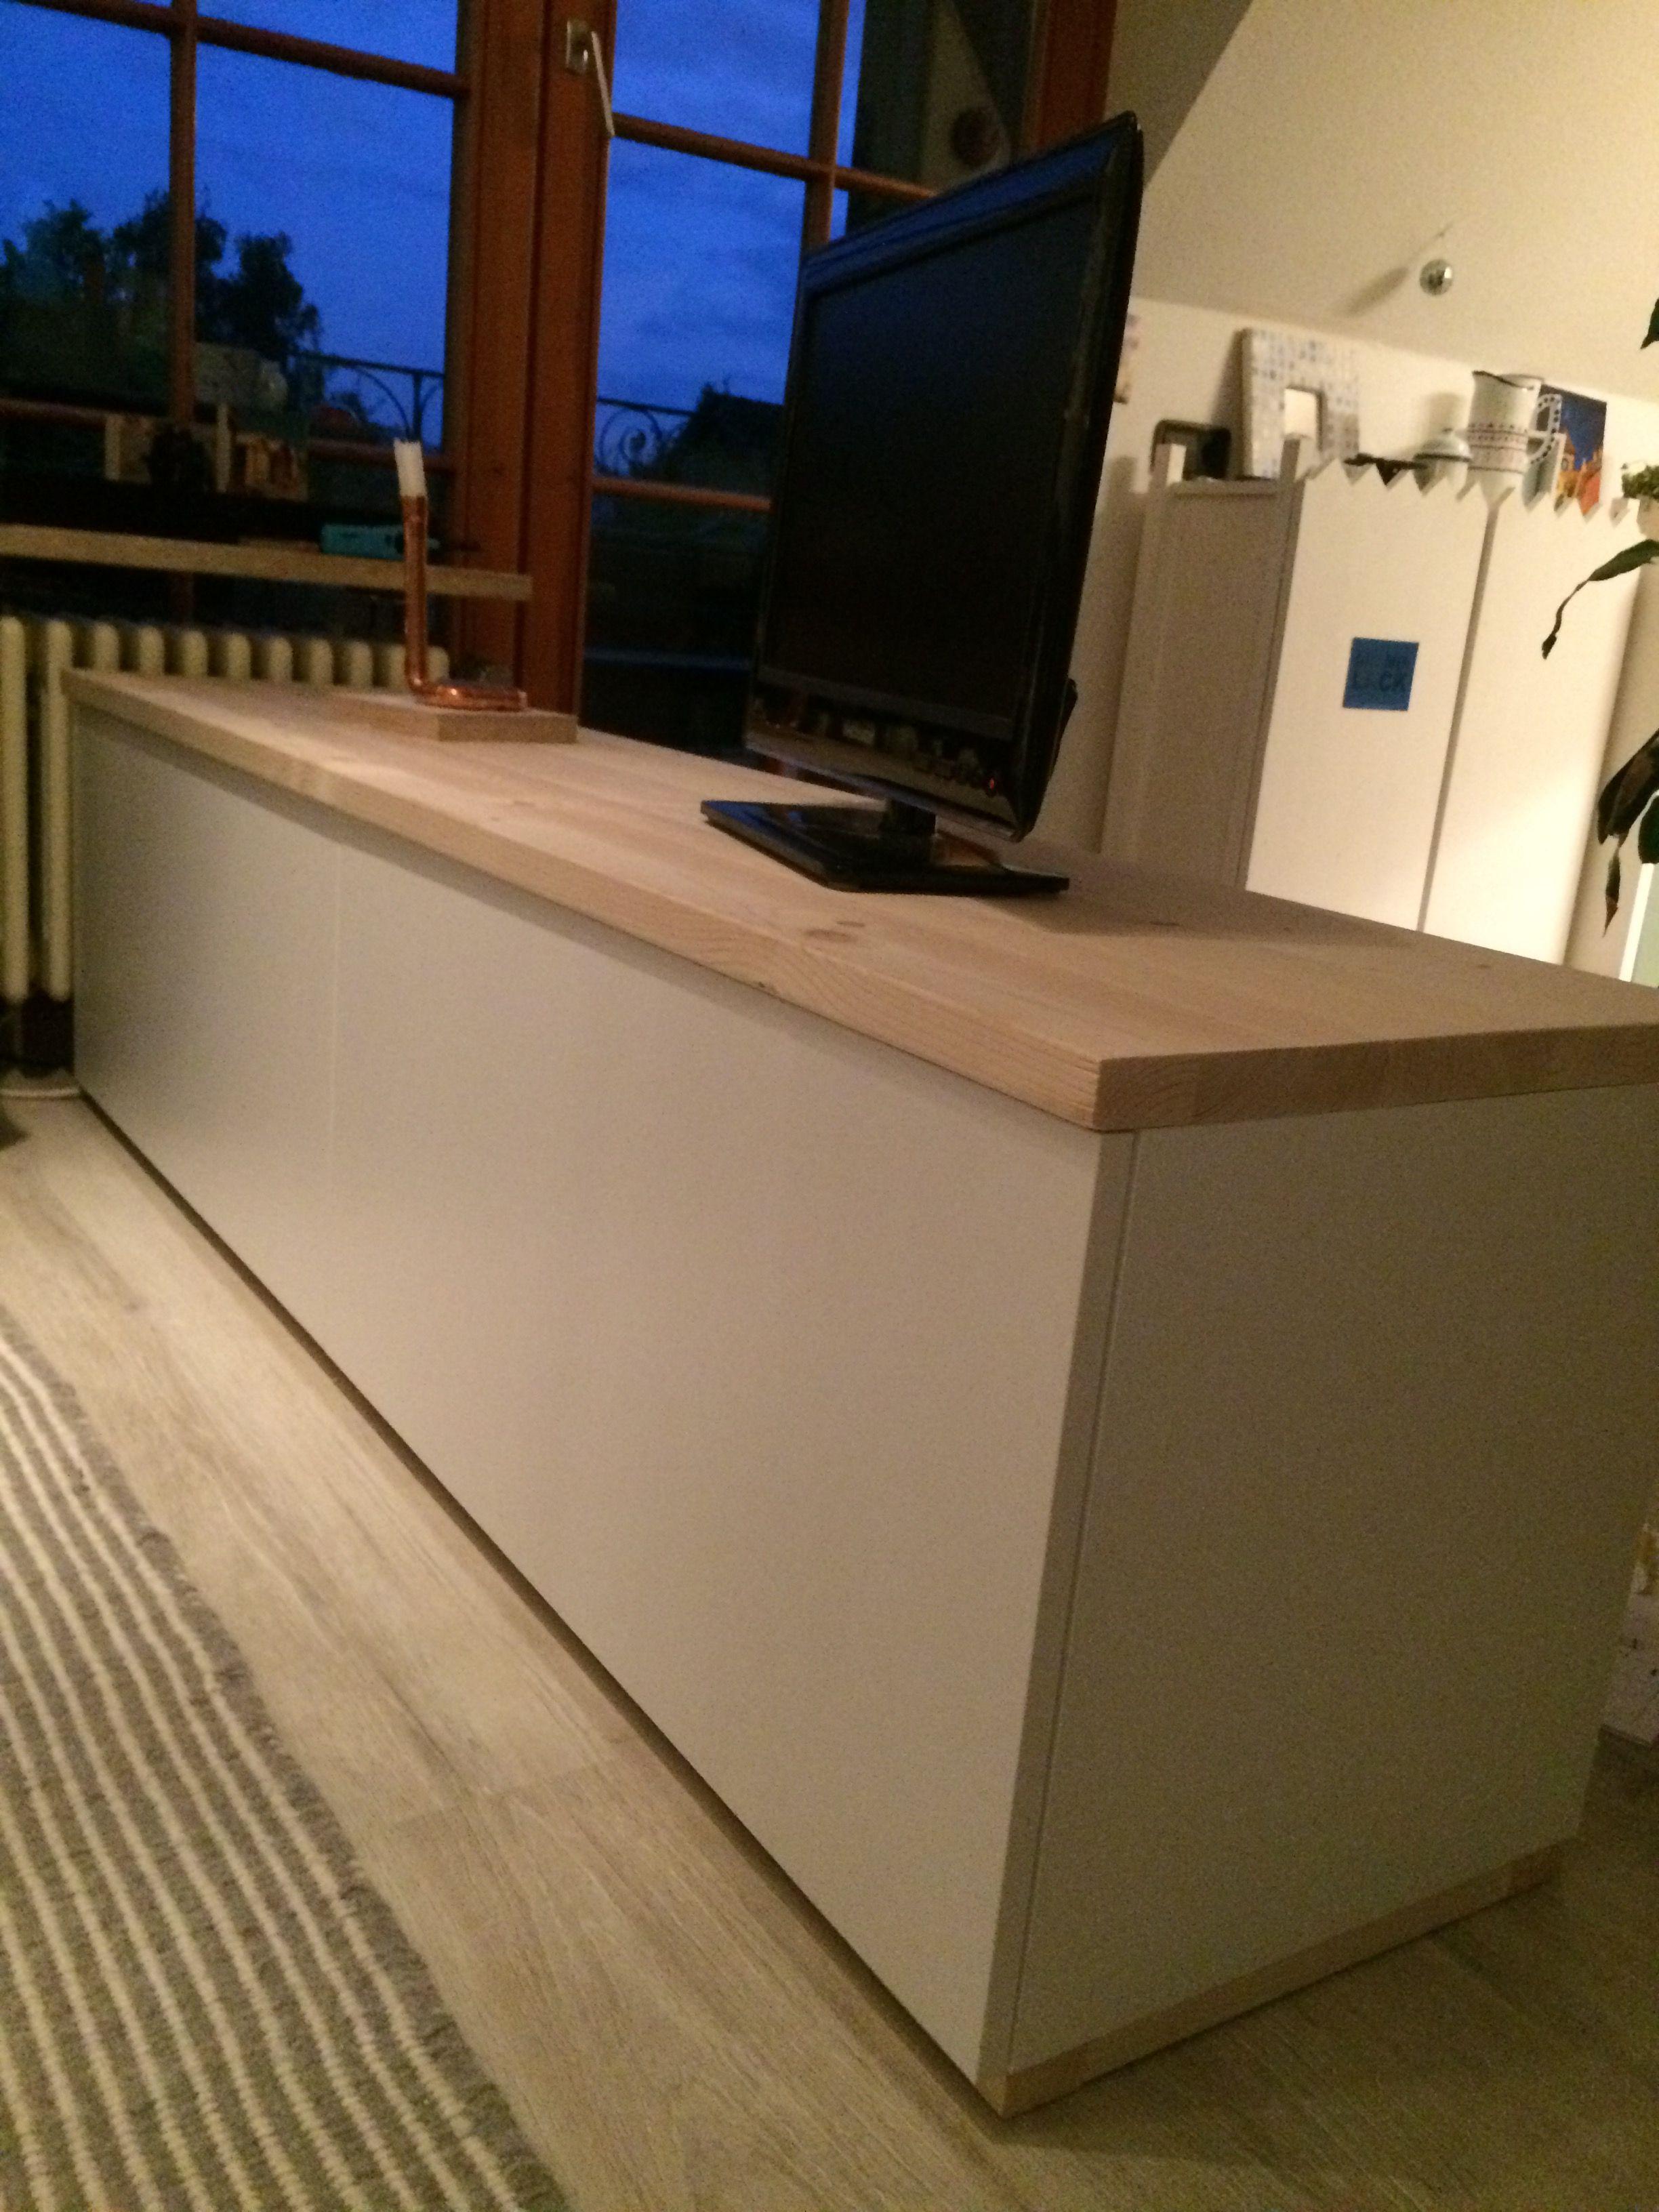 Lowboard aus Ikea Metod   Lowboard, Ikea, Tv lowboard